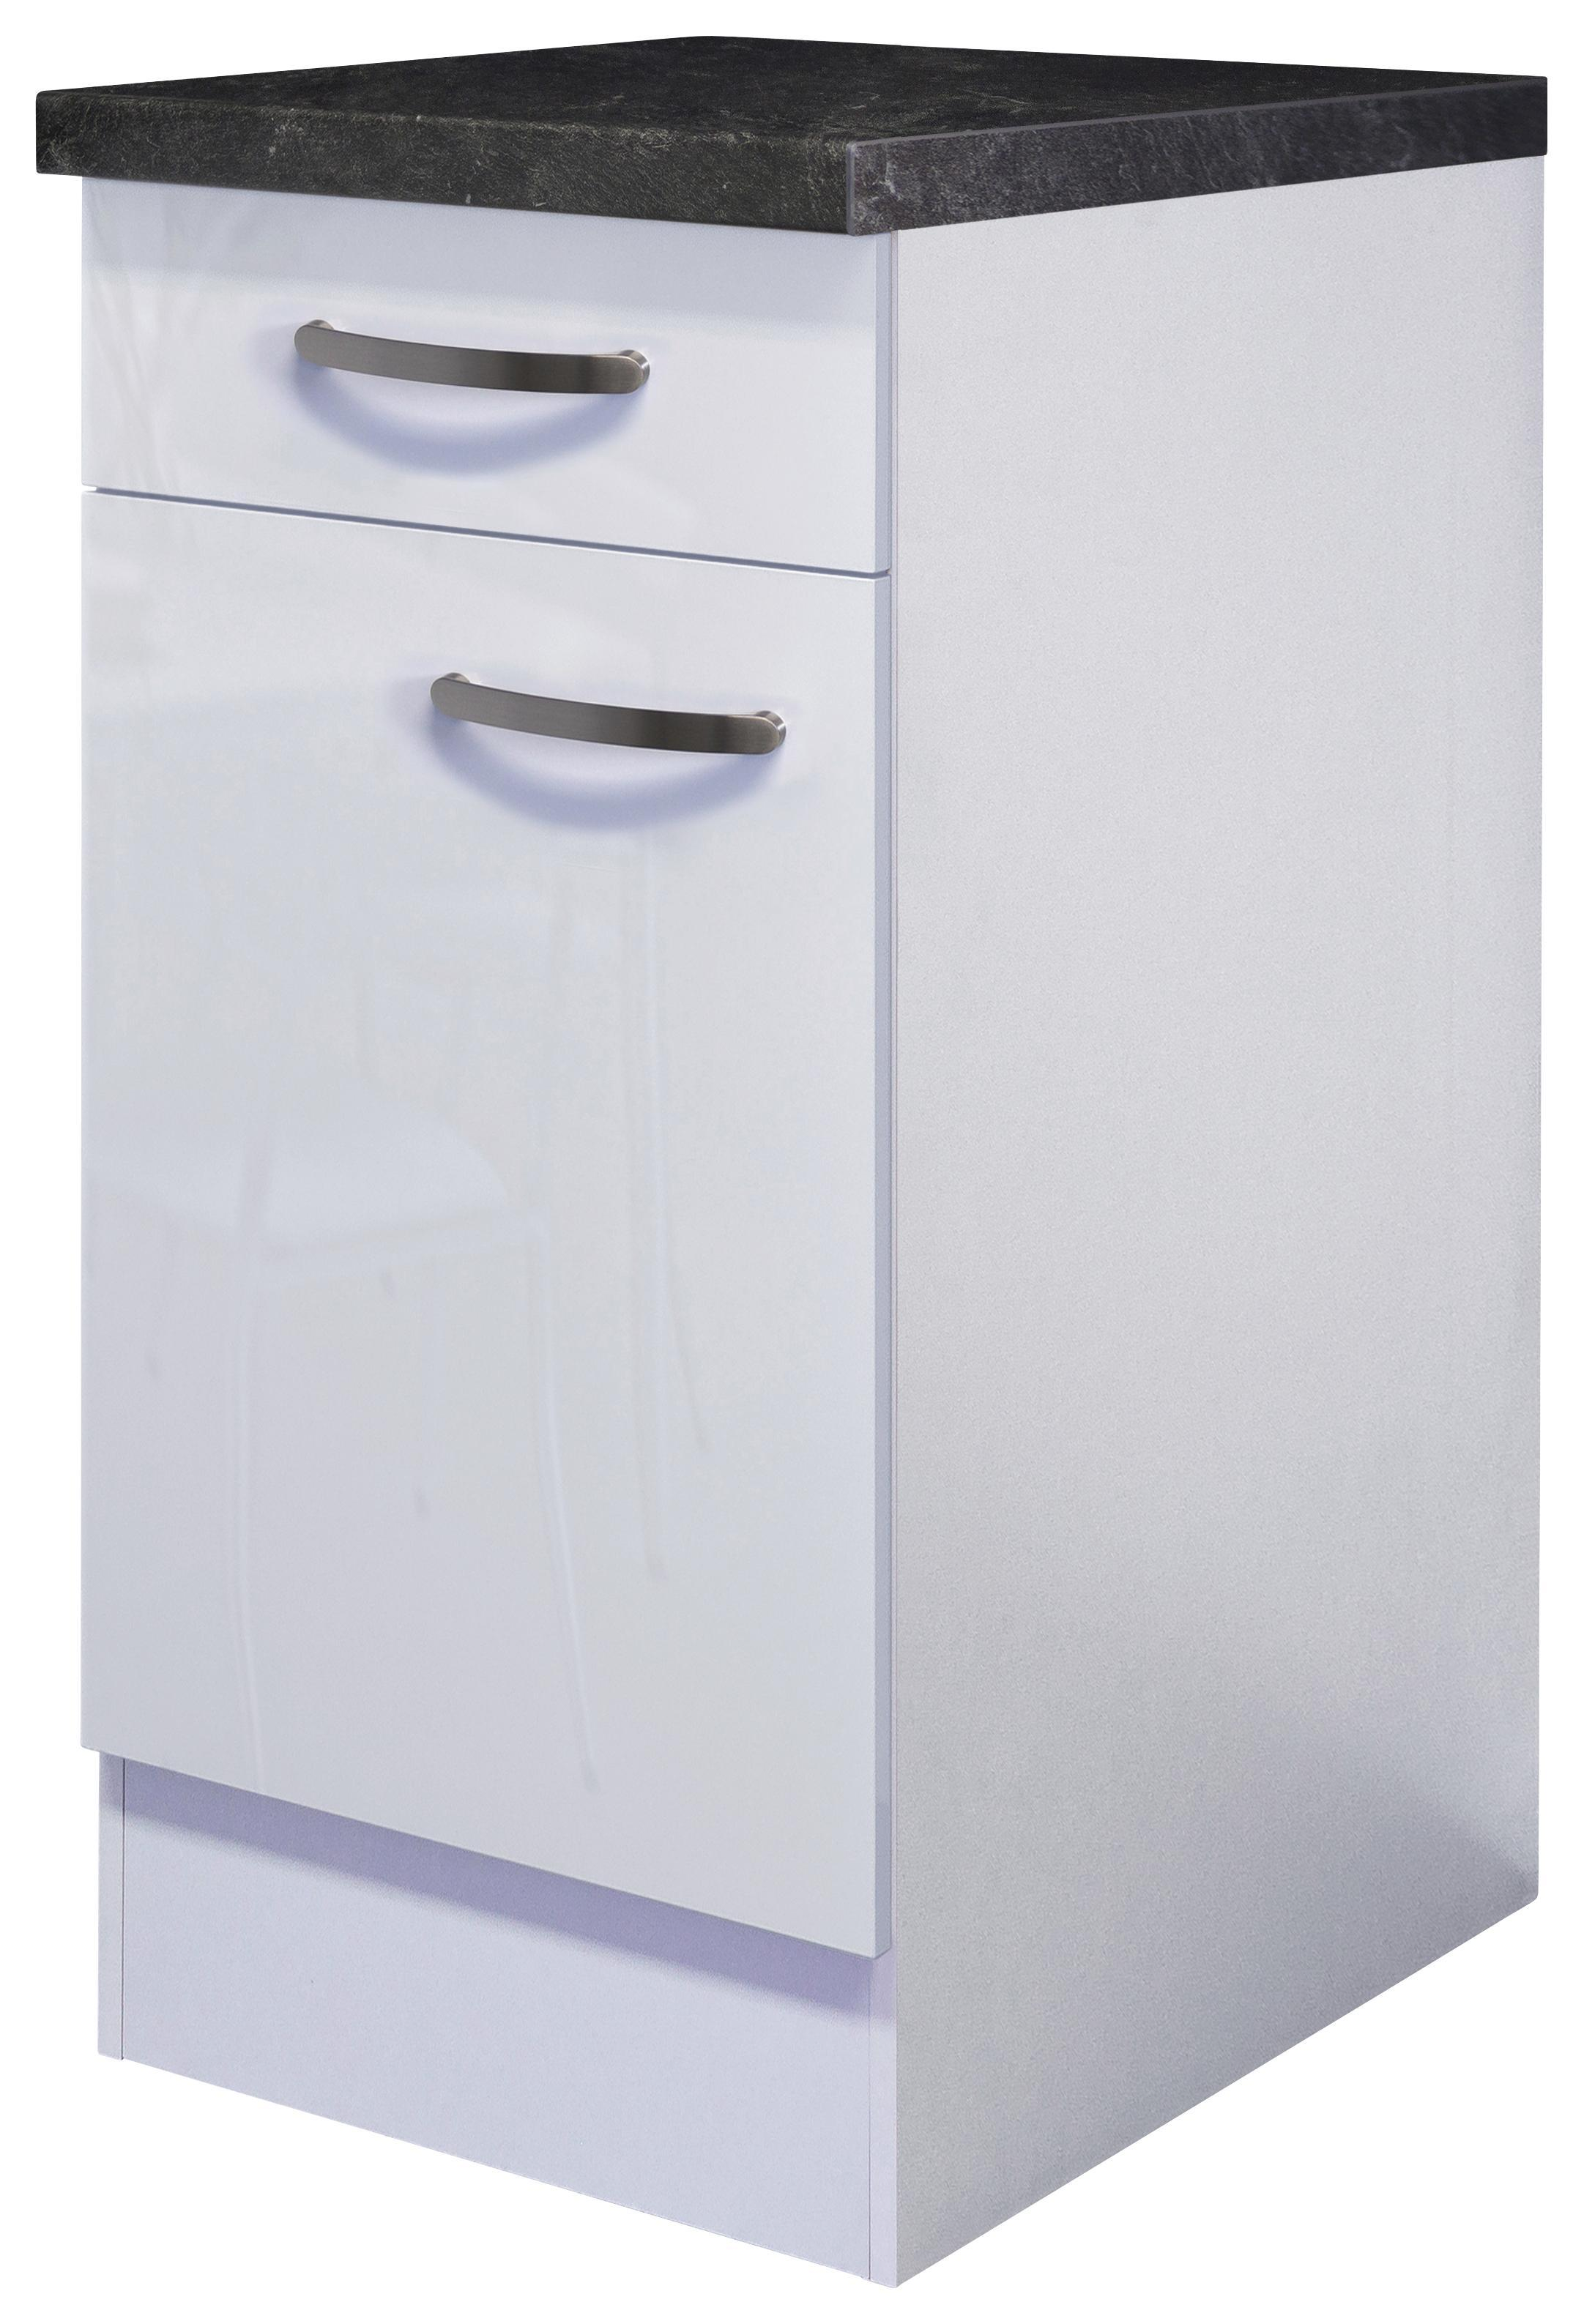 Küchenunterschrank ALBA US 40